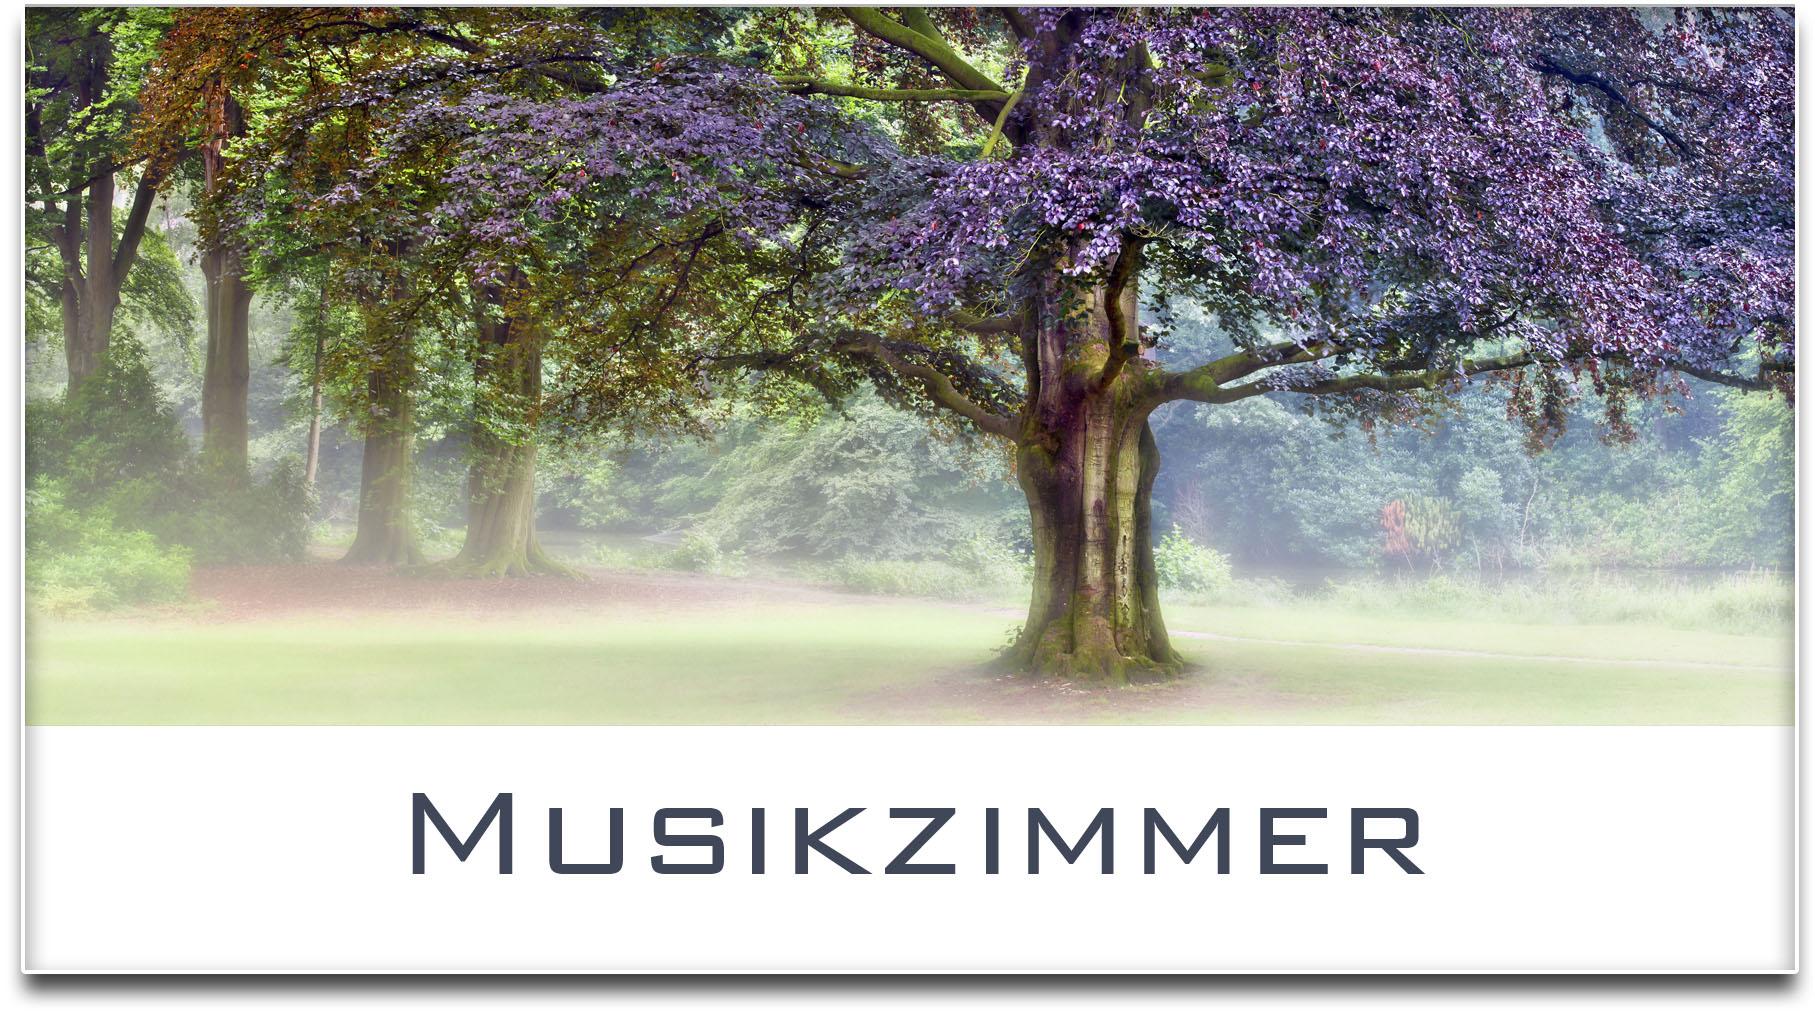 Türschild / Haustürschild / Blutbuche / Baum / Musikzimmer / Selbstklebend